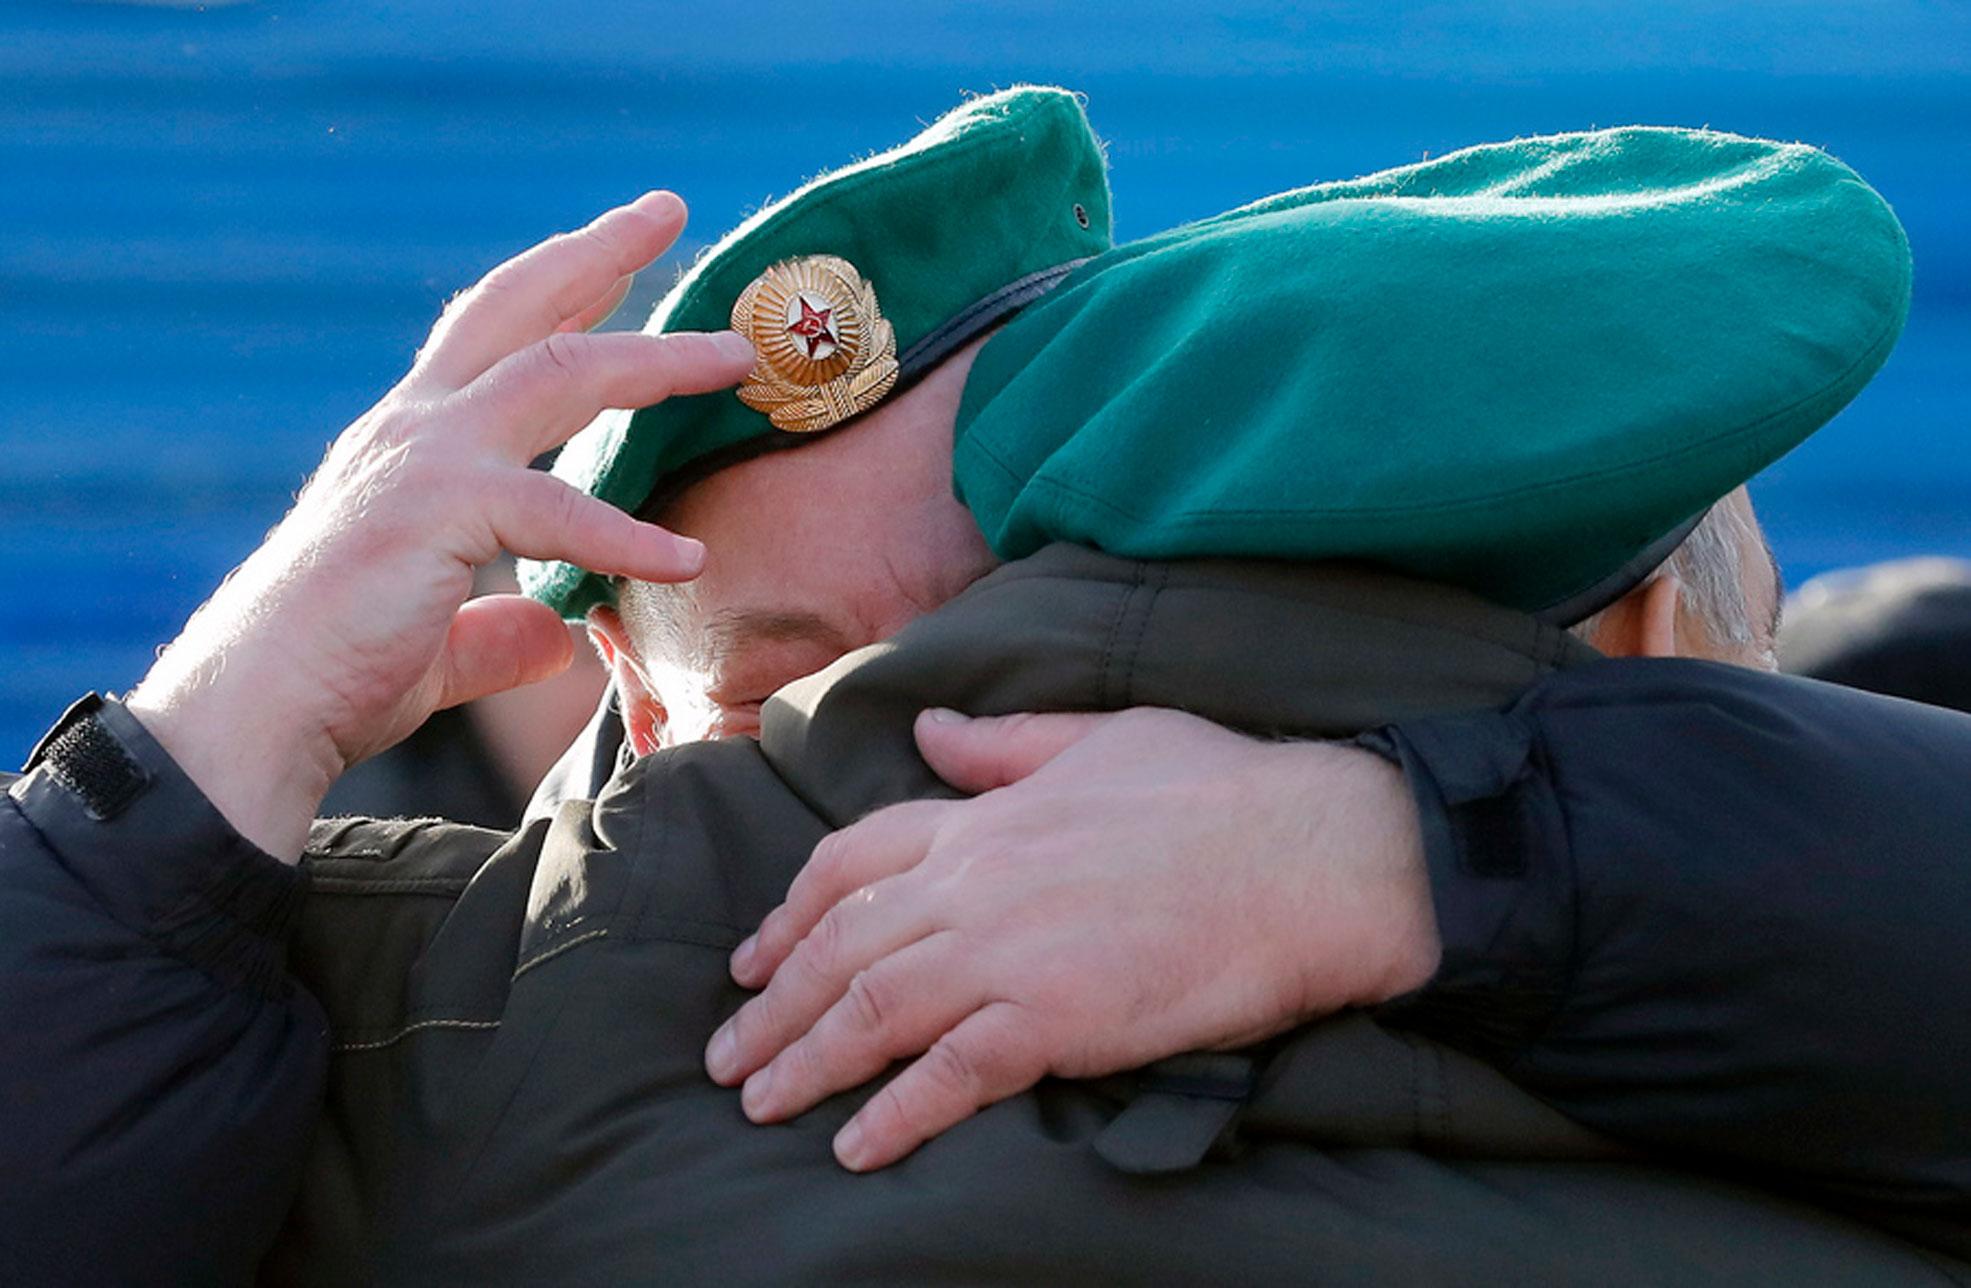 Ρωσία: Μακελειό σε στρατιωτική βάση! Στρατιώτης άνοιξε πυρ, οκτώ νεκροί